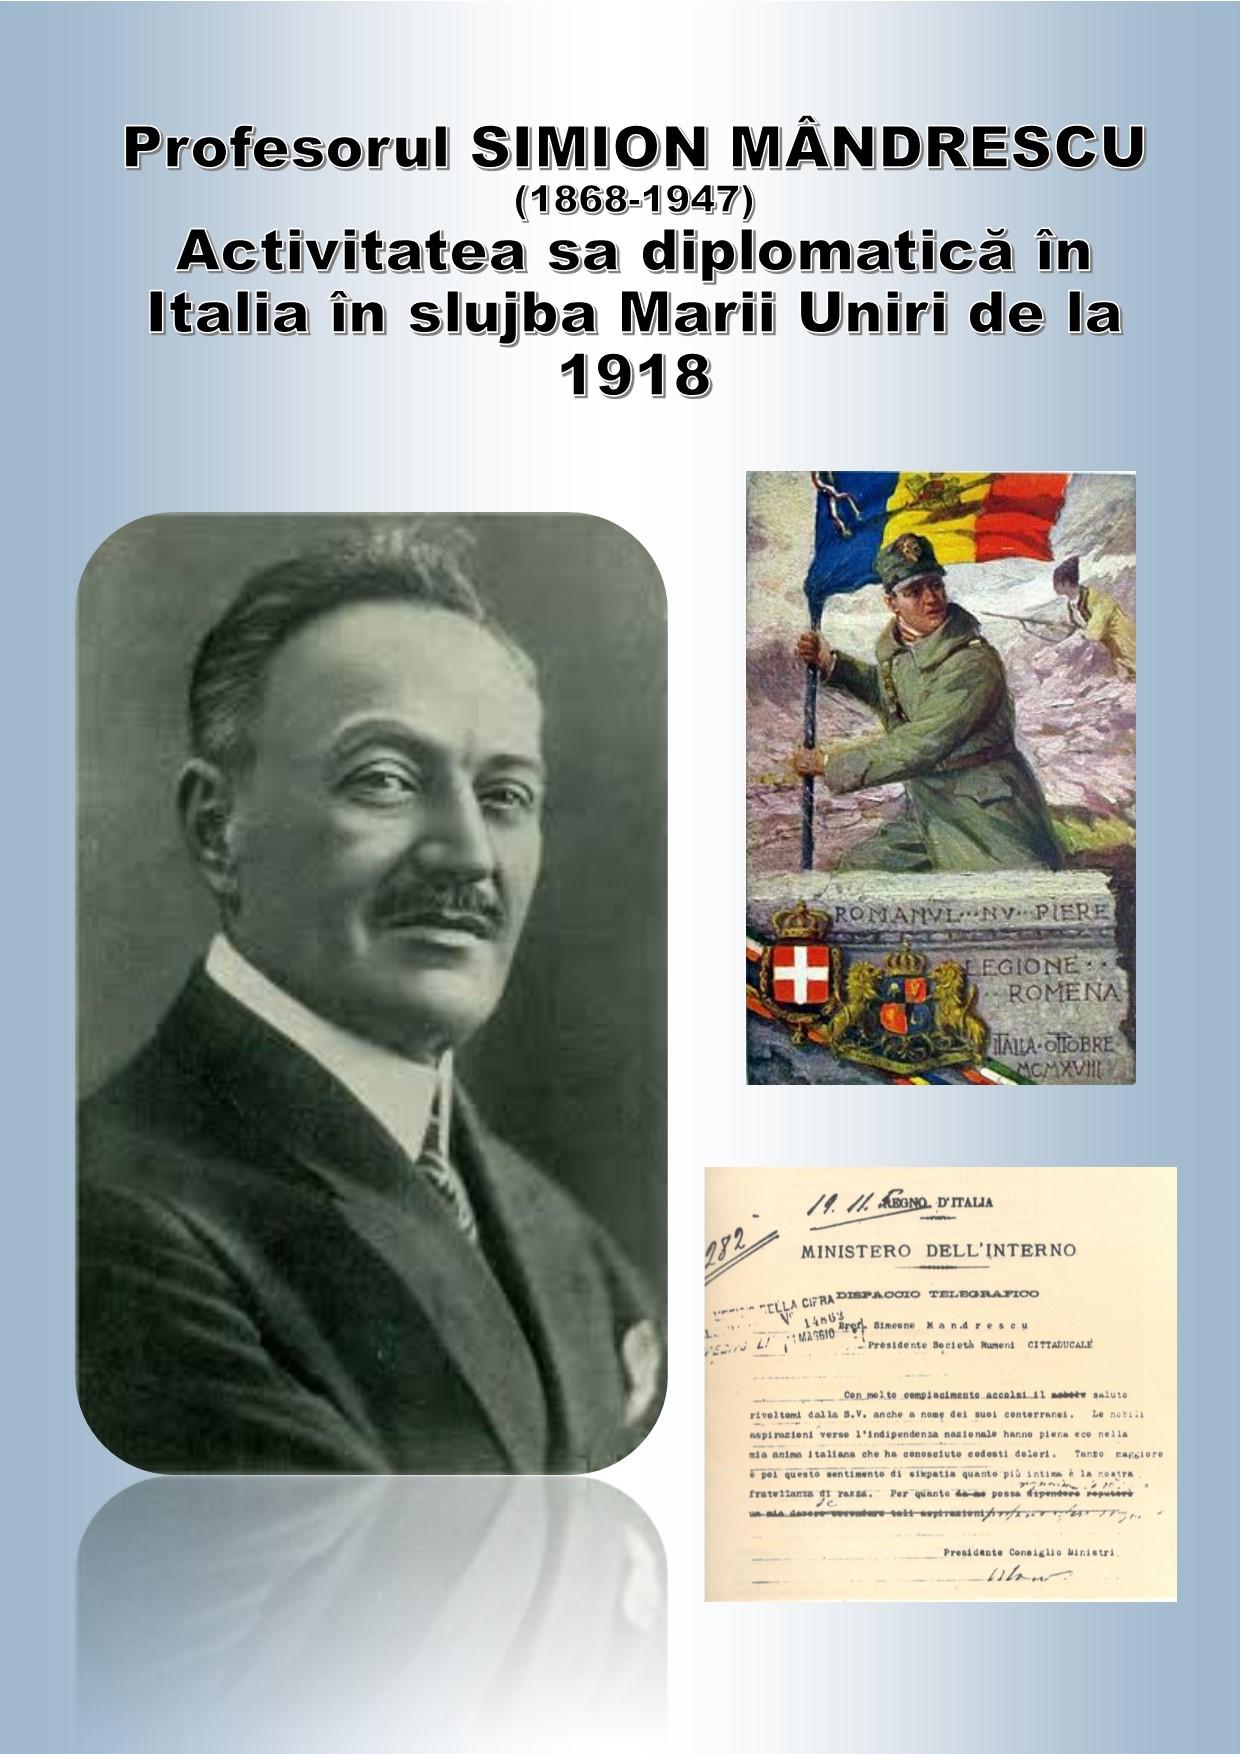 Profesorul Simion Mândrescu (1868-1947). Eforturile sale diplomatice depuse în Italia pentru realizarea Marii Uniri de la 1918